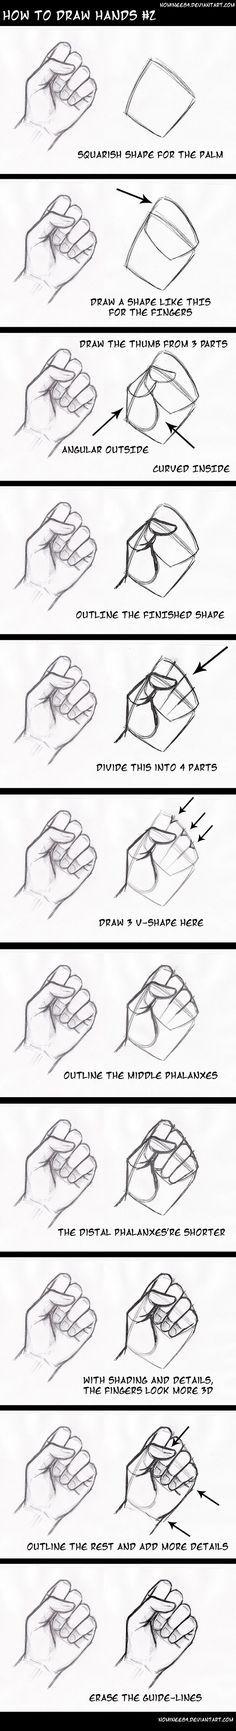 how to draw hands2 by nominee84 on DeviantArt. Es muy interesante. Mas tarde hare esta idea. Ya que nunca me salen bien las manos.